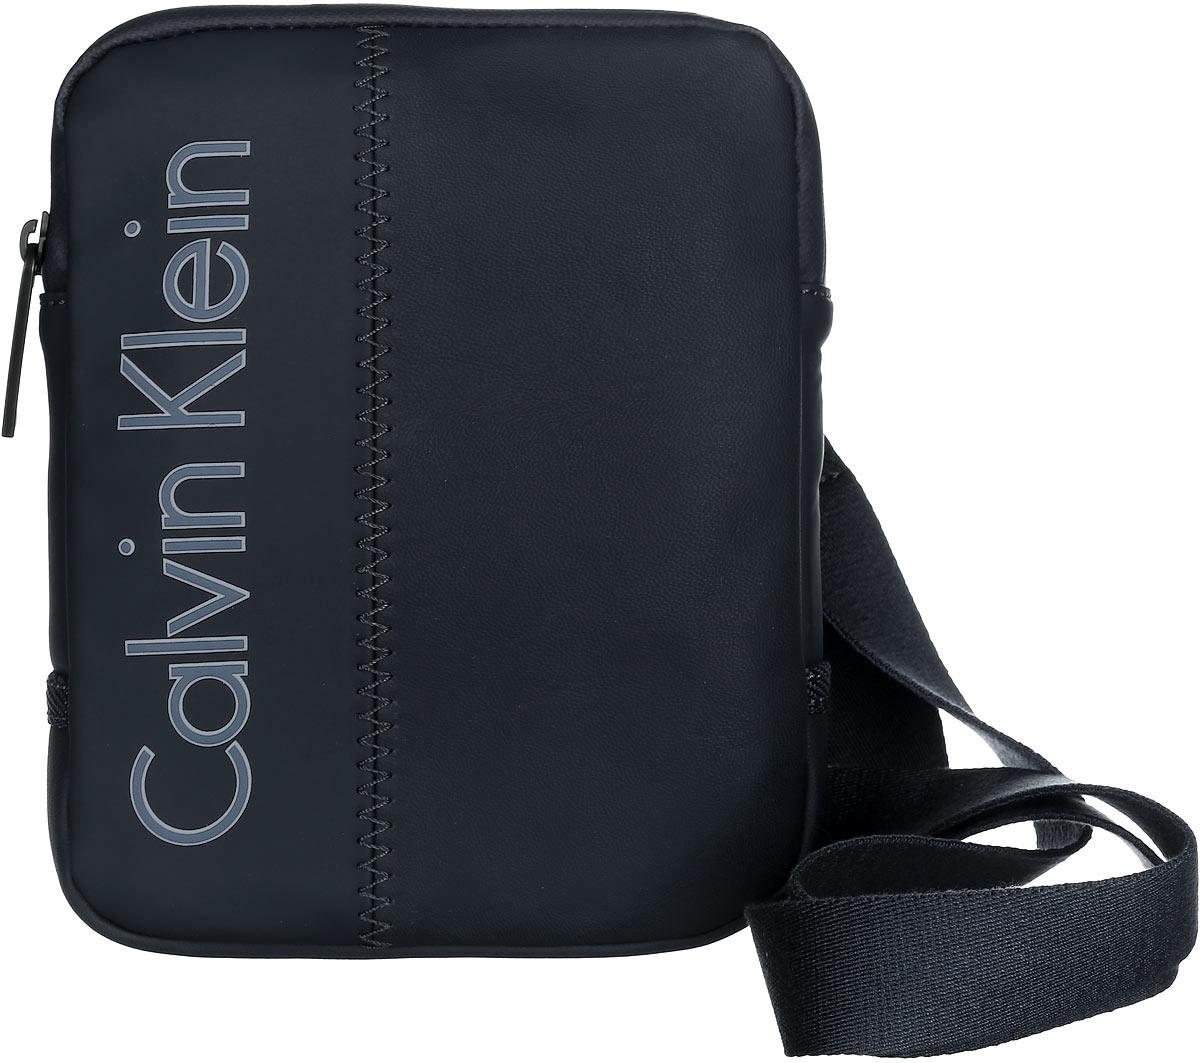 Сумка мужская Calvin Klein Jeans, цвет: черный. K50K501624_0010R0216Т13Стильная сумка Calvin Klein выполнена из полиуретана, оформлена символикой бренда.Изделие содержит одно отделение, которое закрывается на застежку-молнию. Внутри сумки размещен накладной кармашек для мелочей. Сумка оснащена плечевым ремнем регулируемой длины. В комплекте с изделием поставляется чехол для хранения.Модная сумка идеально подчеркнет ваш неповторимый стиль.